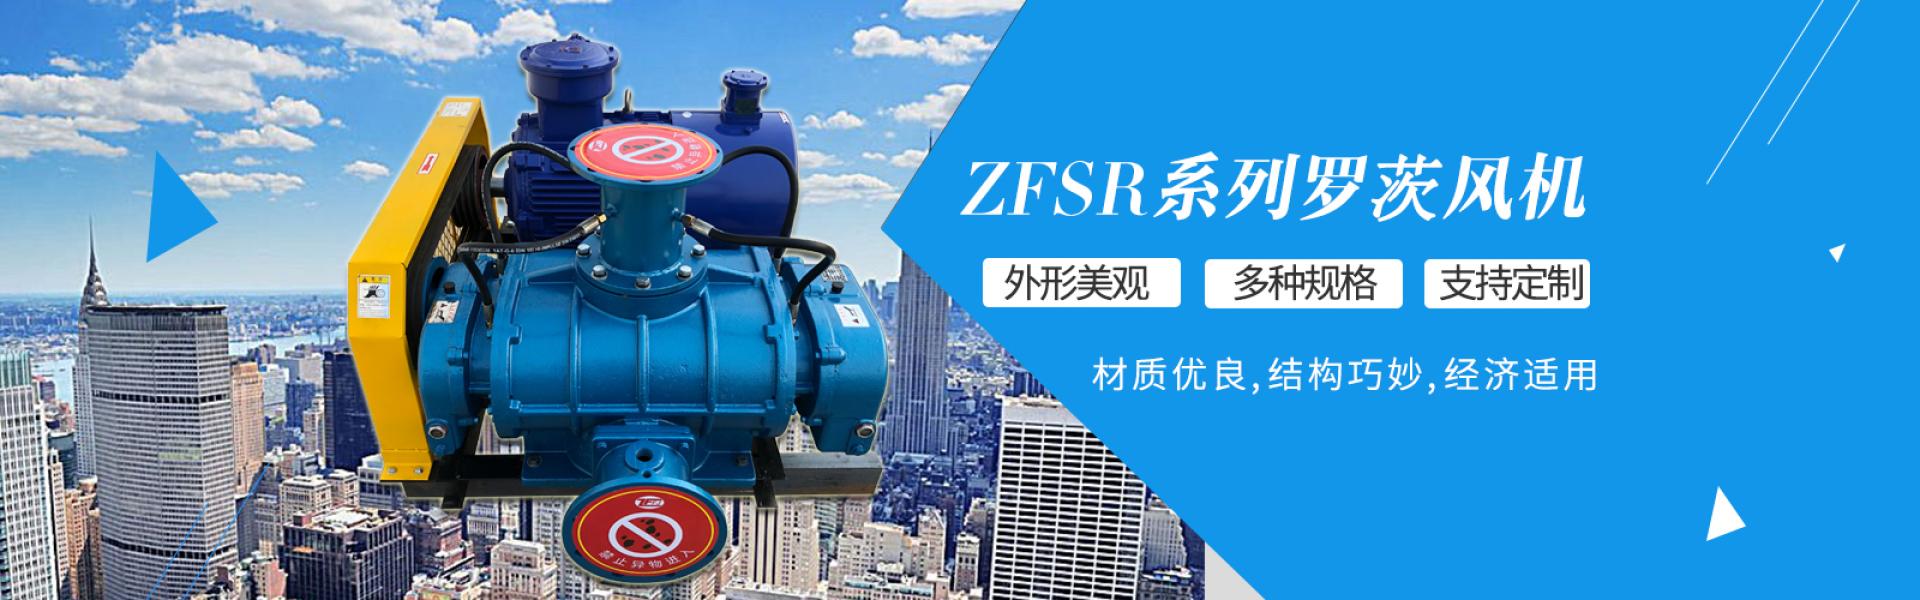 ZFSR系列特殊介質輸送風機,適用于煤氣、沼氣、天然氣等